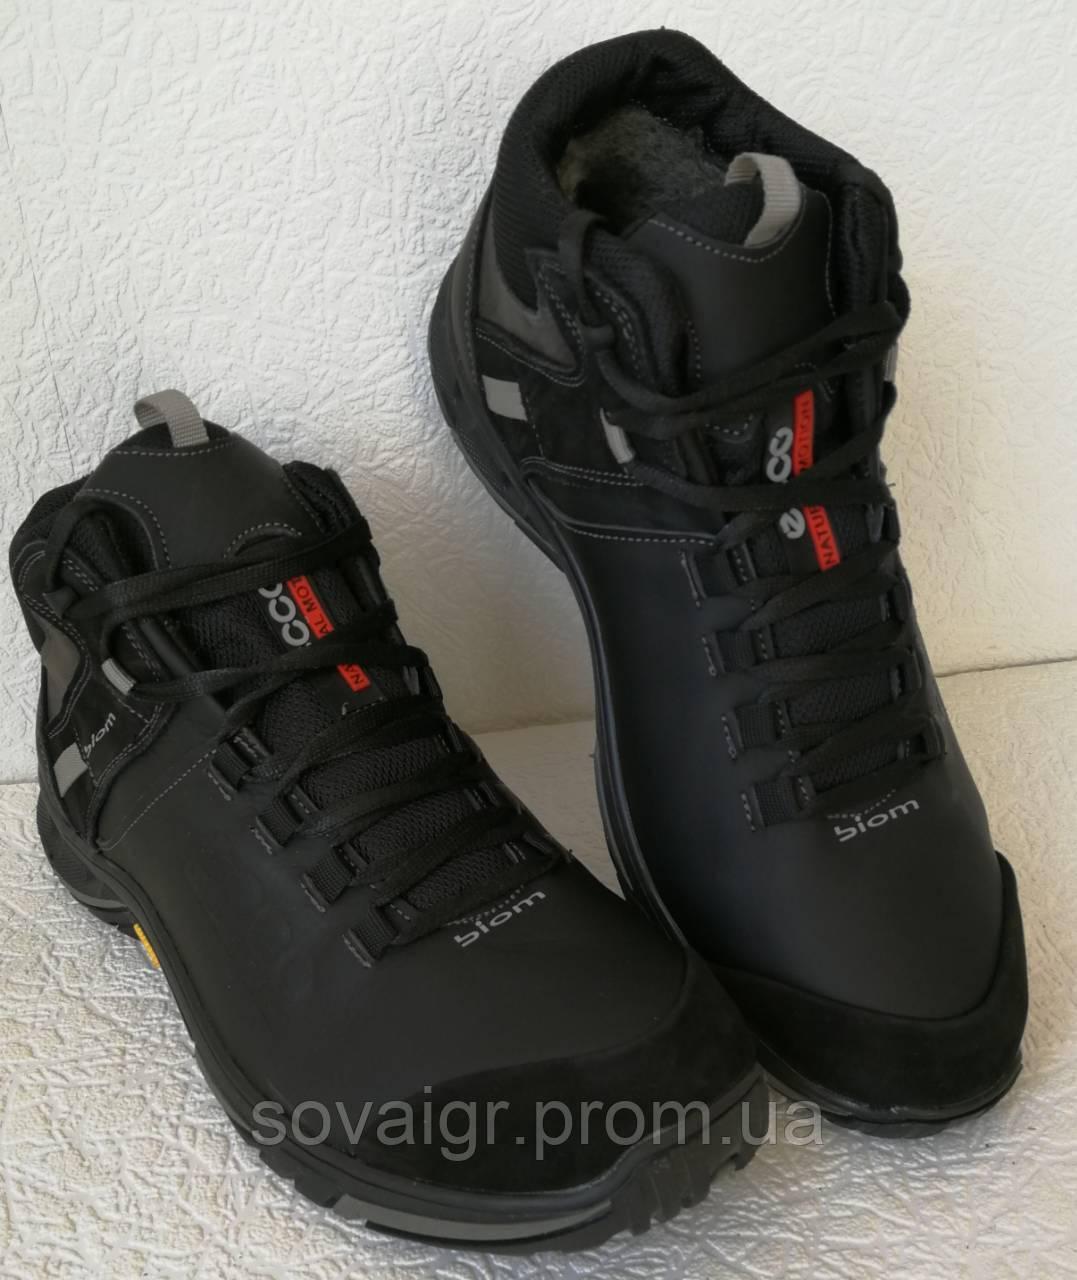 Экко зимние кожаные ботинки из кожи мех Ессо кроссовки черные